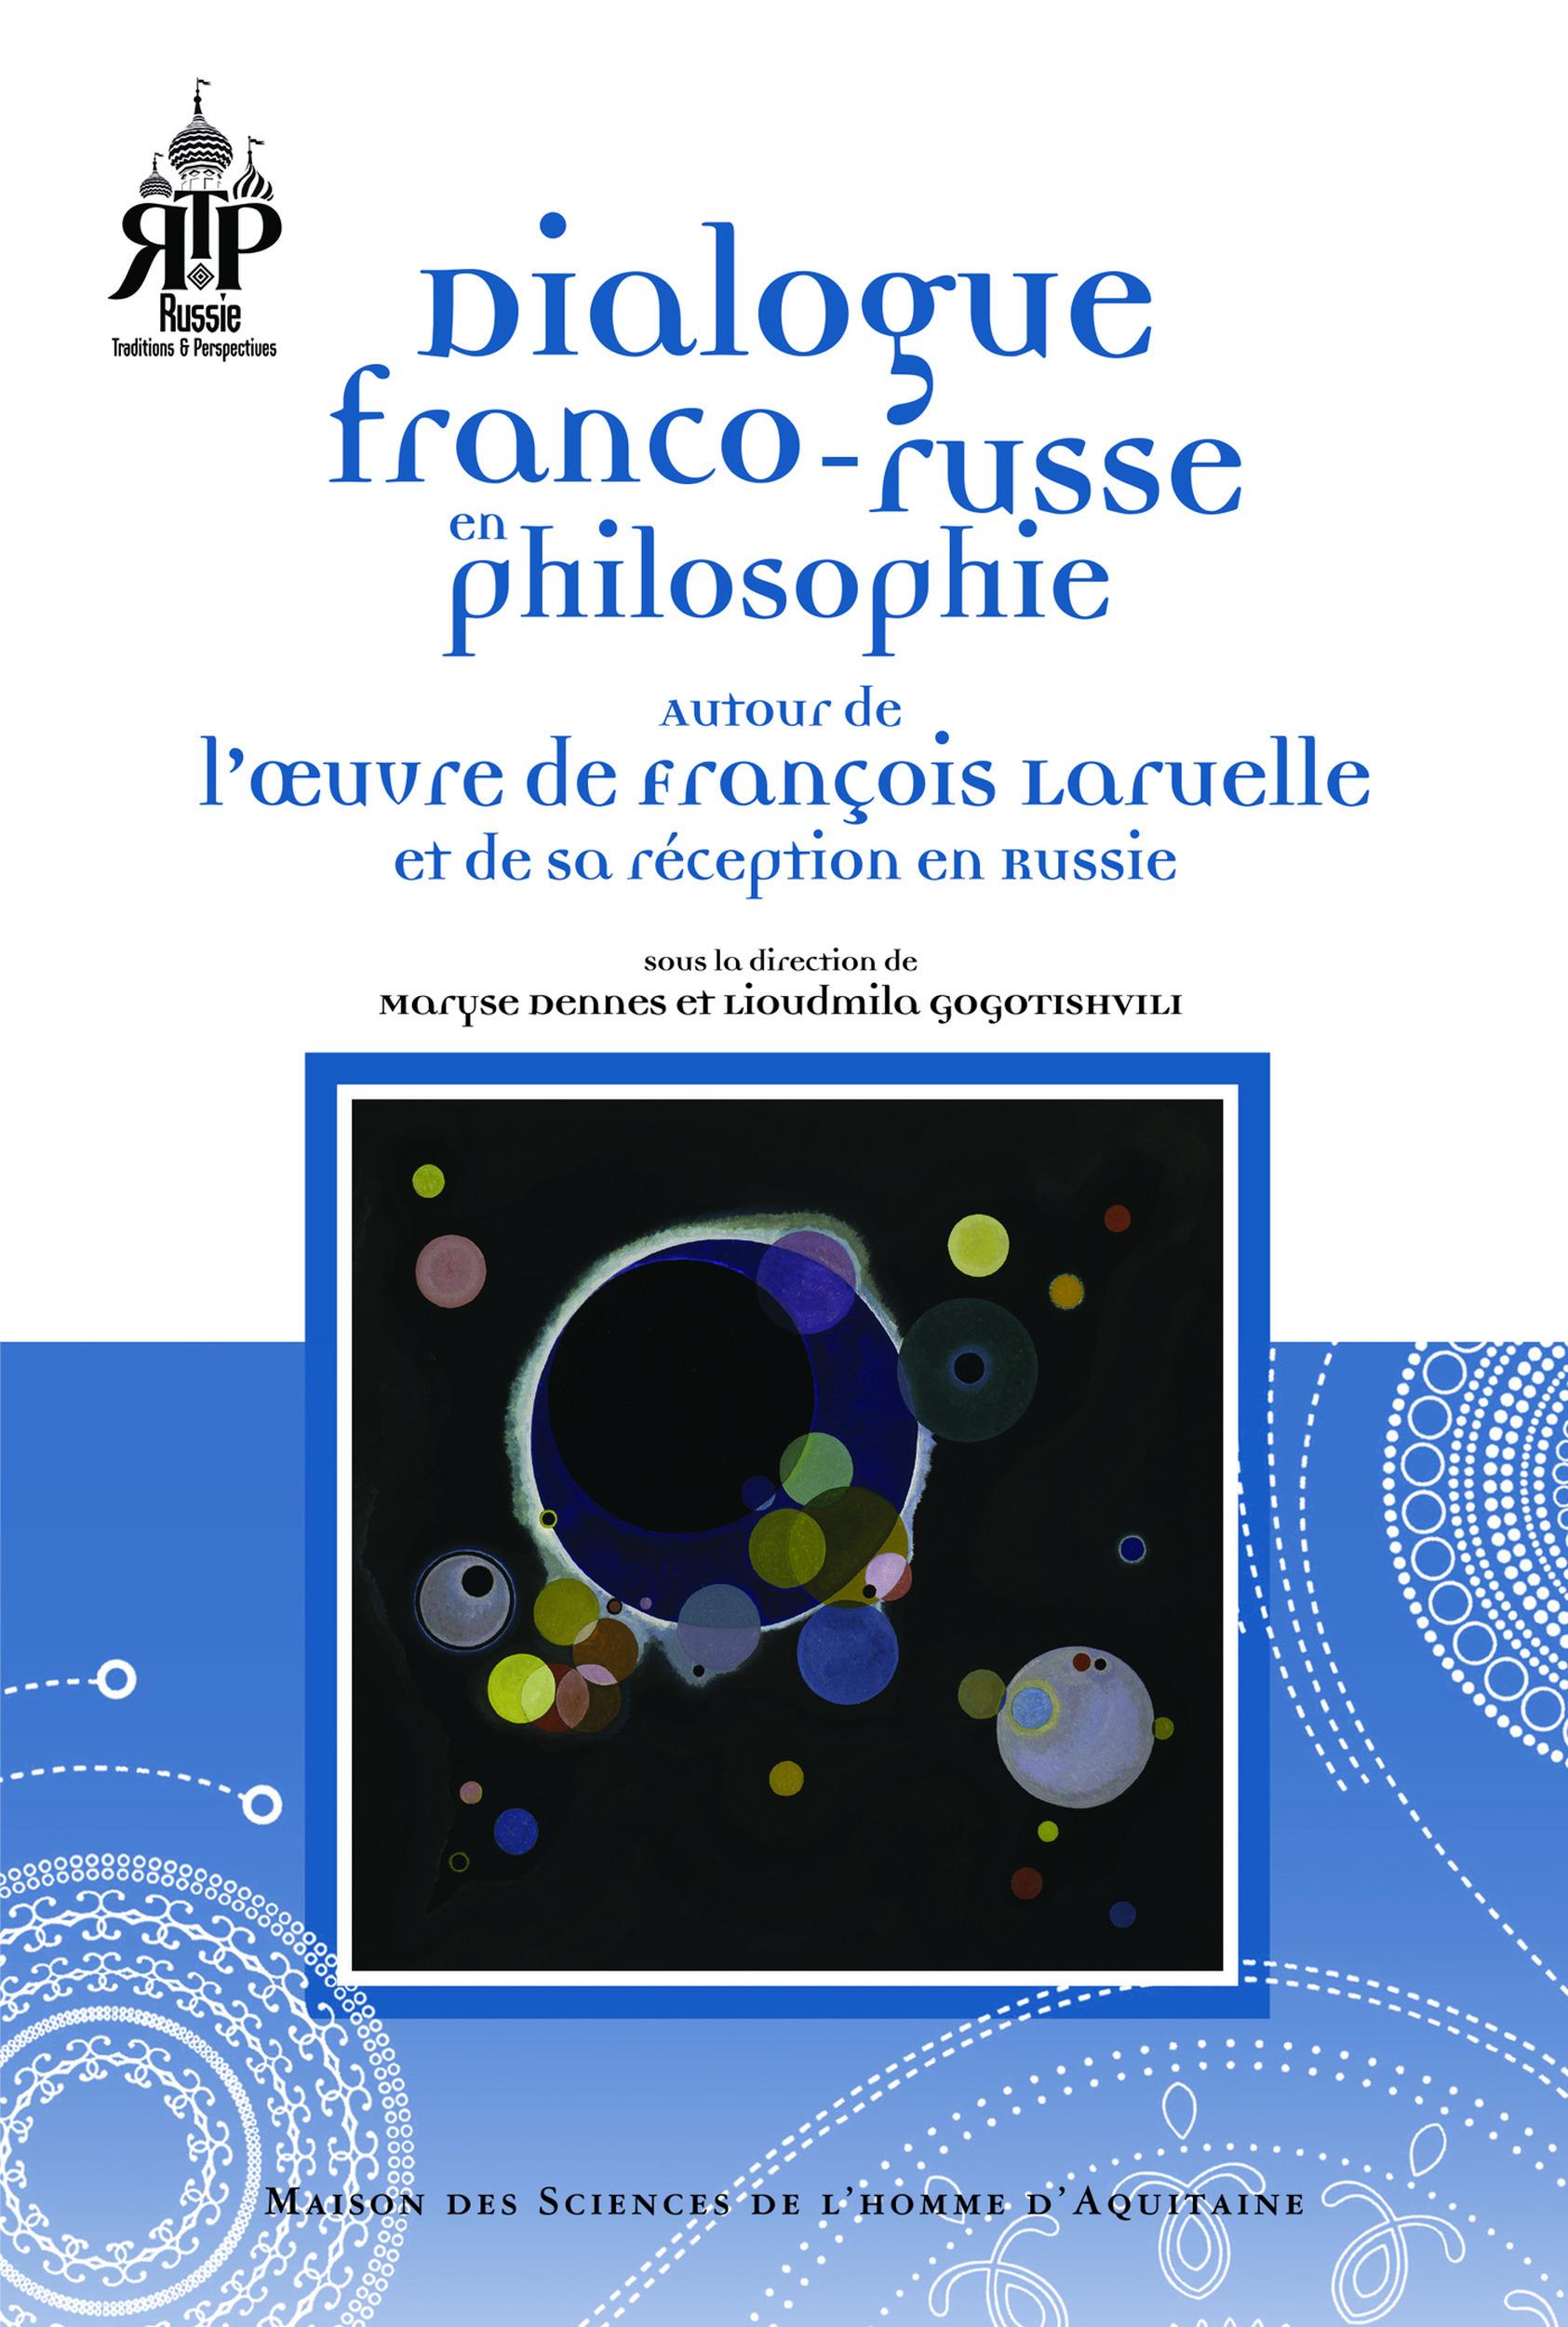 Dialogue franco-russe en philosophie. autour de l' uvre de francois l aruelle et de sa reception en